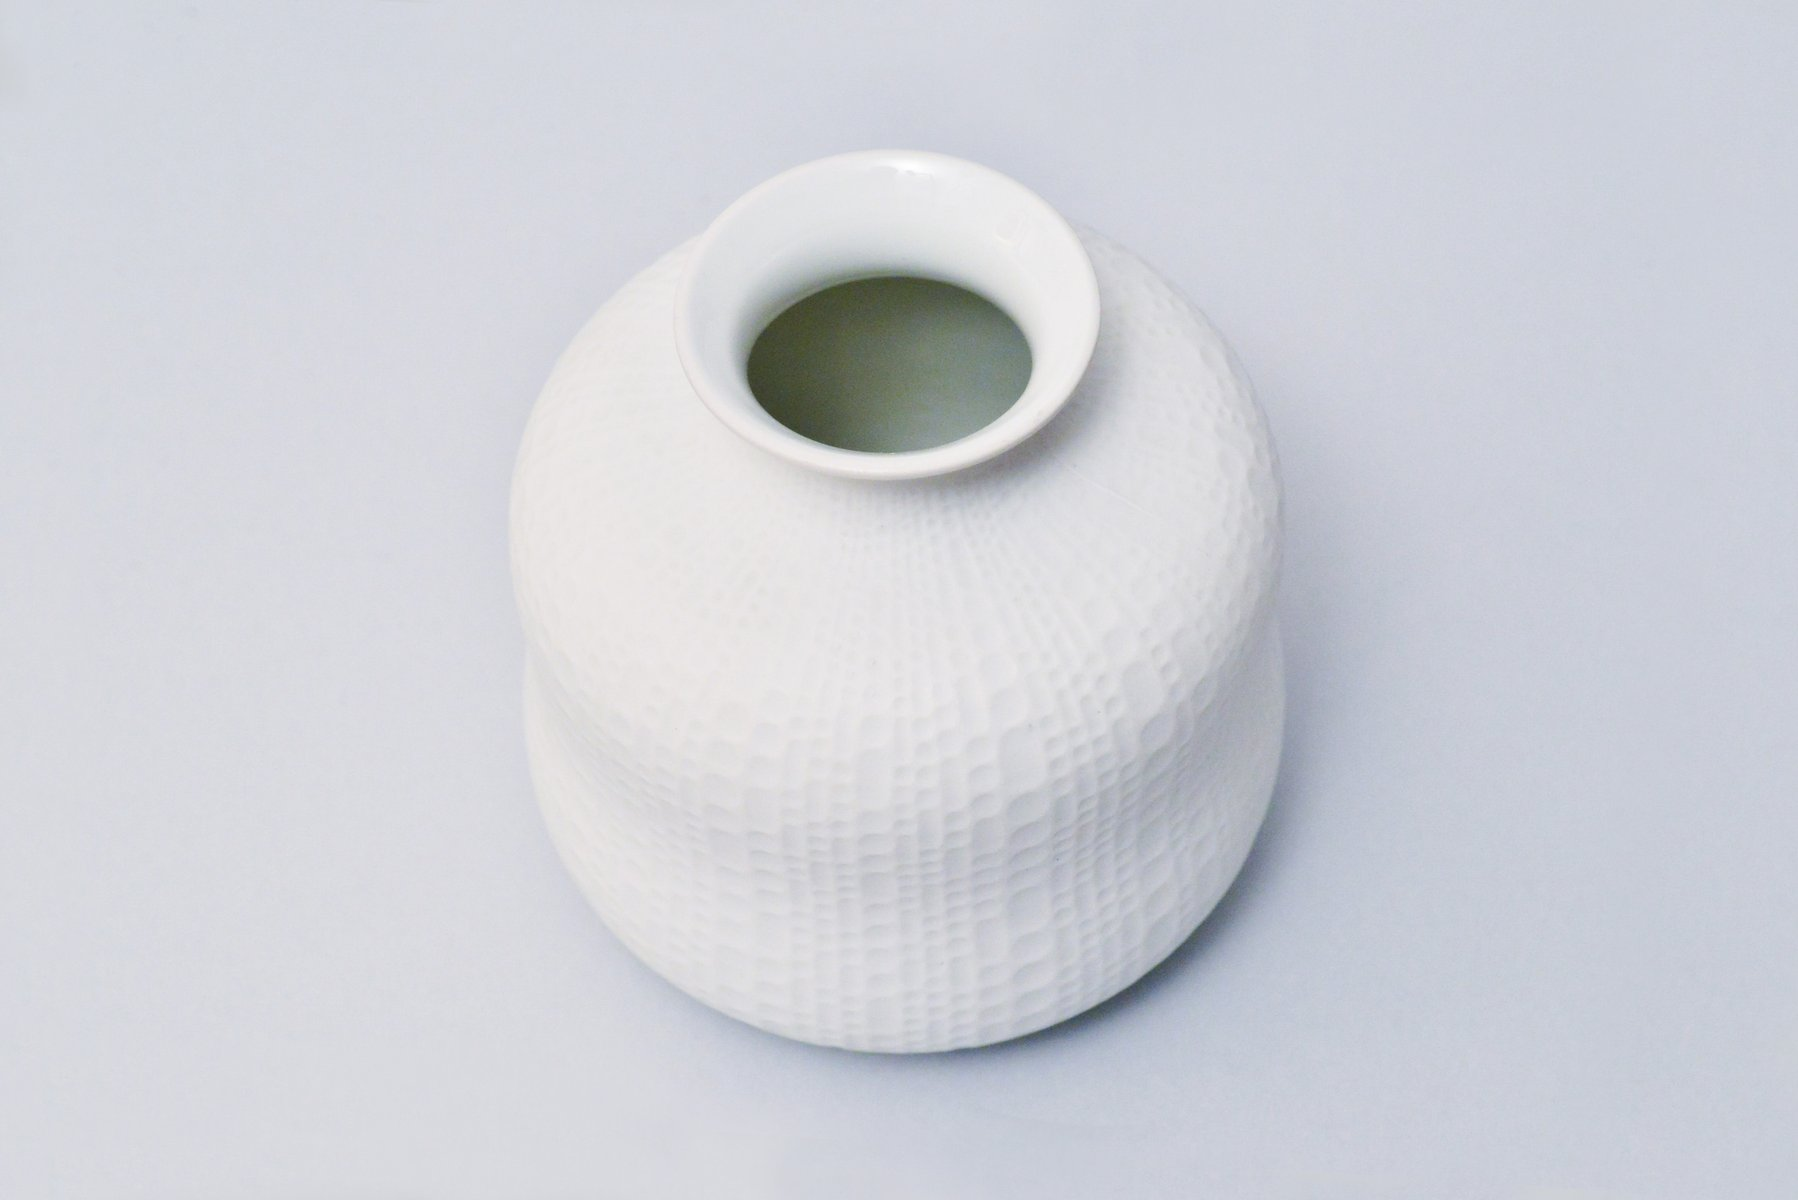 handgemachte wei e vintage biskuitporzellan vasen von royal porzellan kpm 2er set bei pamono kaufen. Black Bedroom Furniture Sets. Home Design Ideas